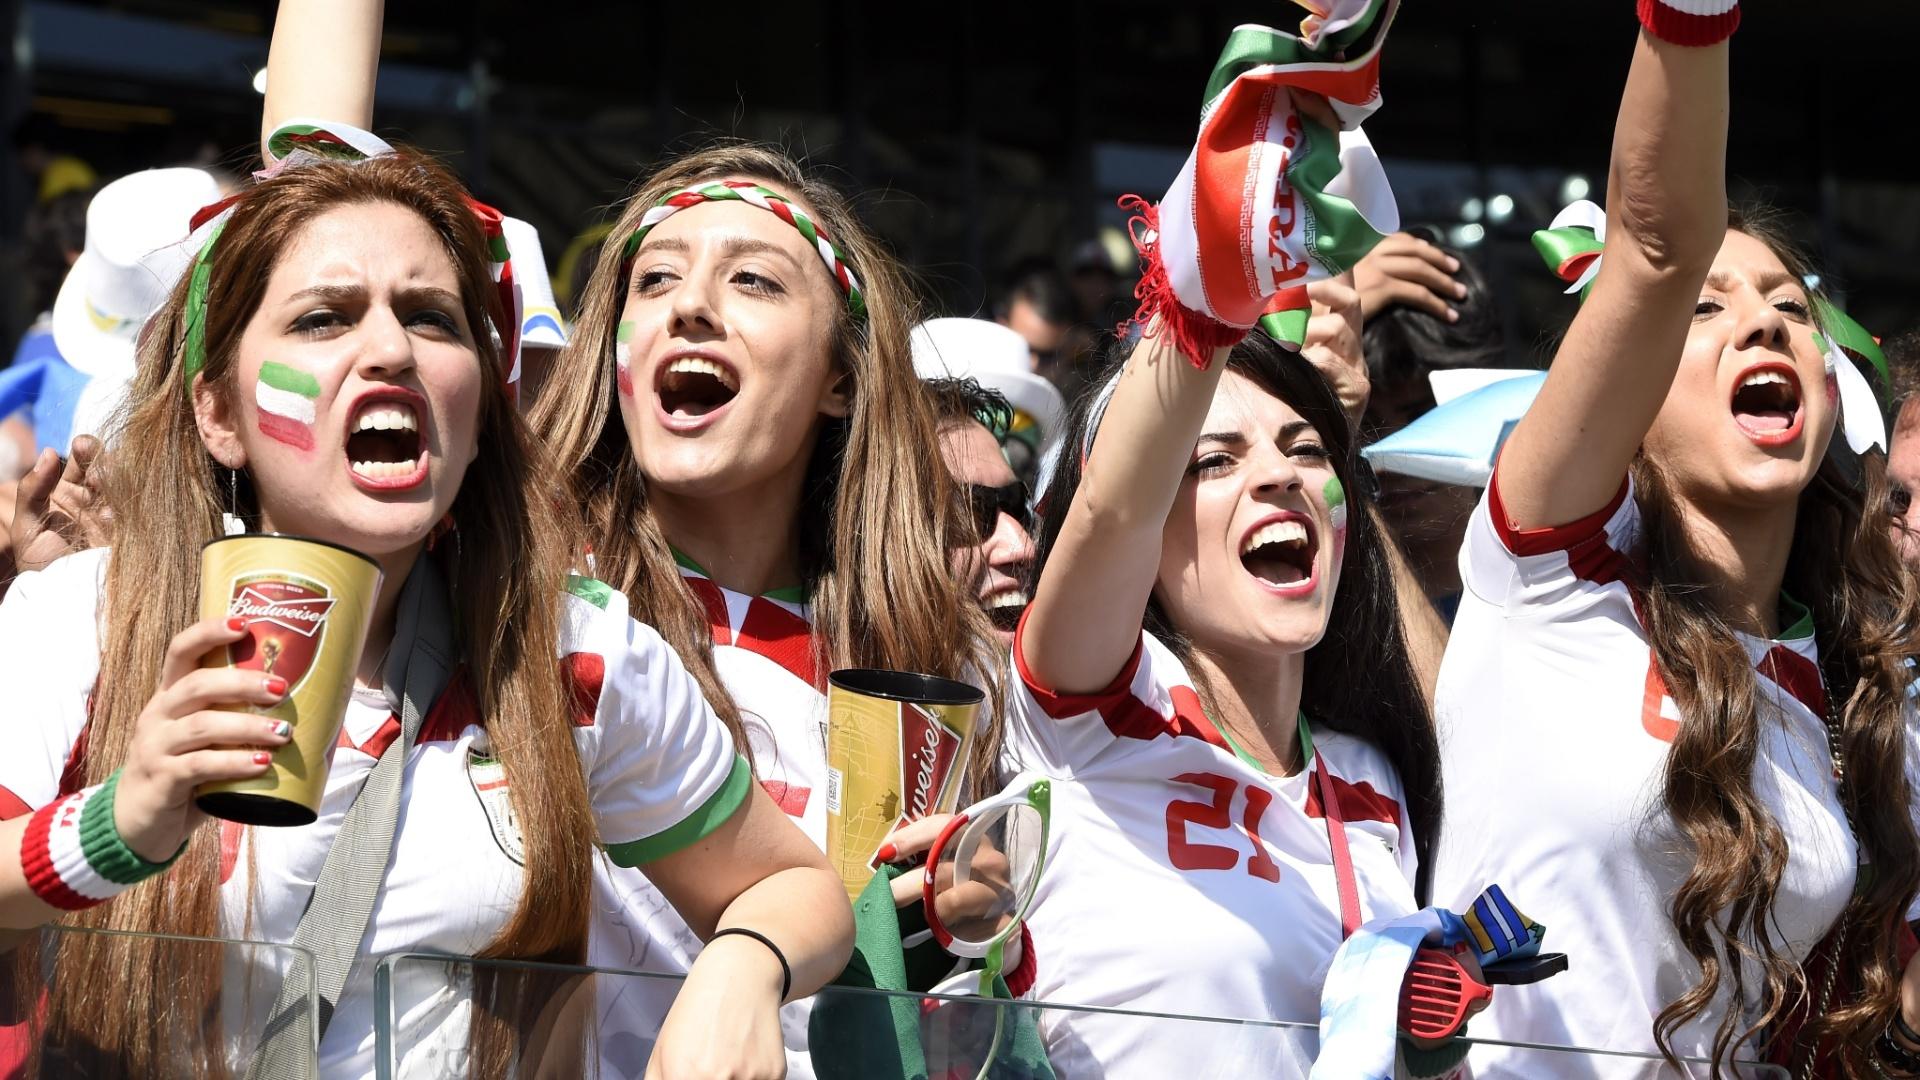 Torcedoras do Irã animadas com a partida contra a Argentina no Mineirão